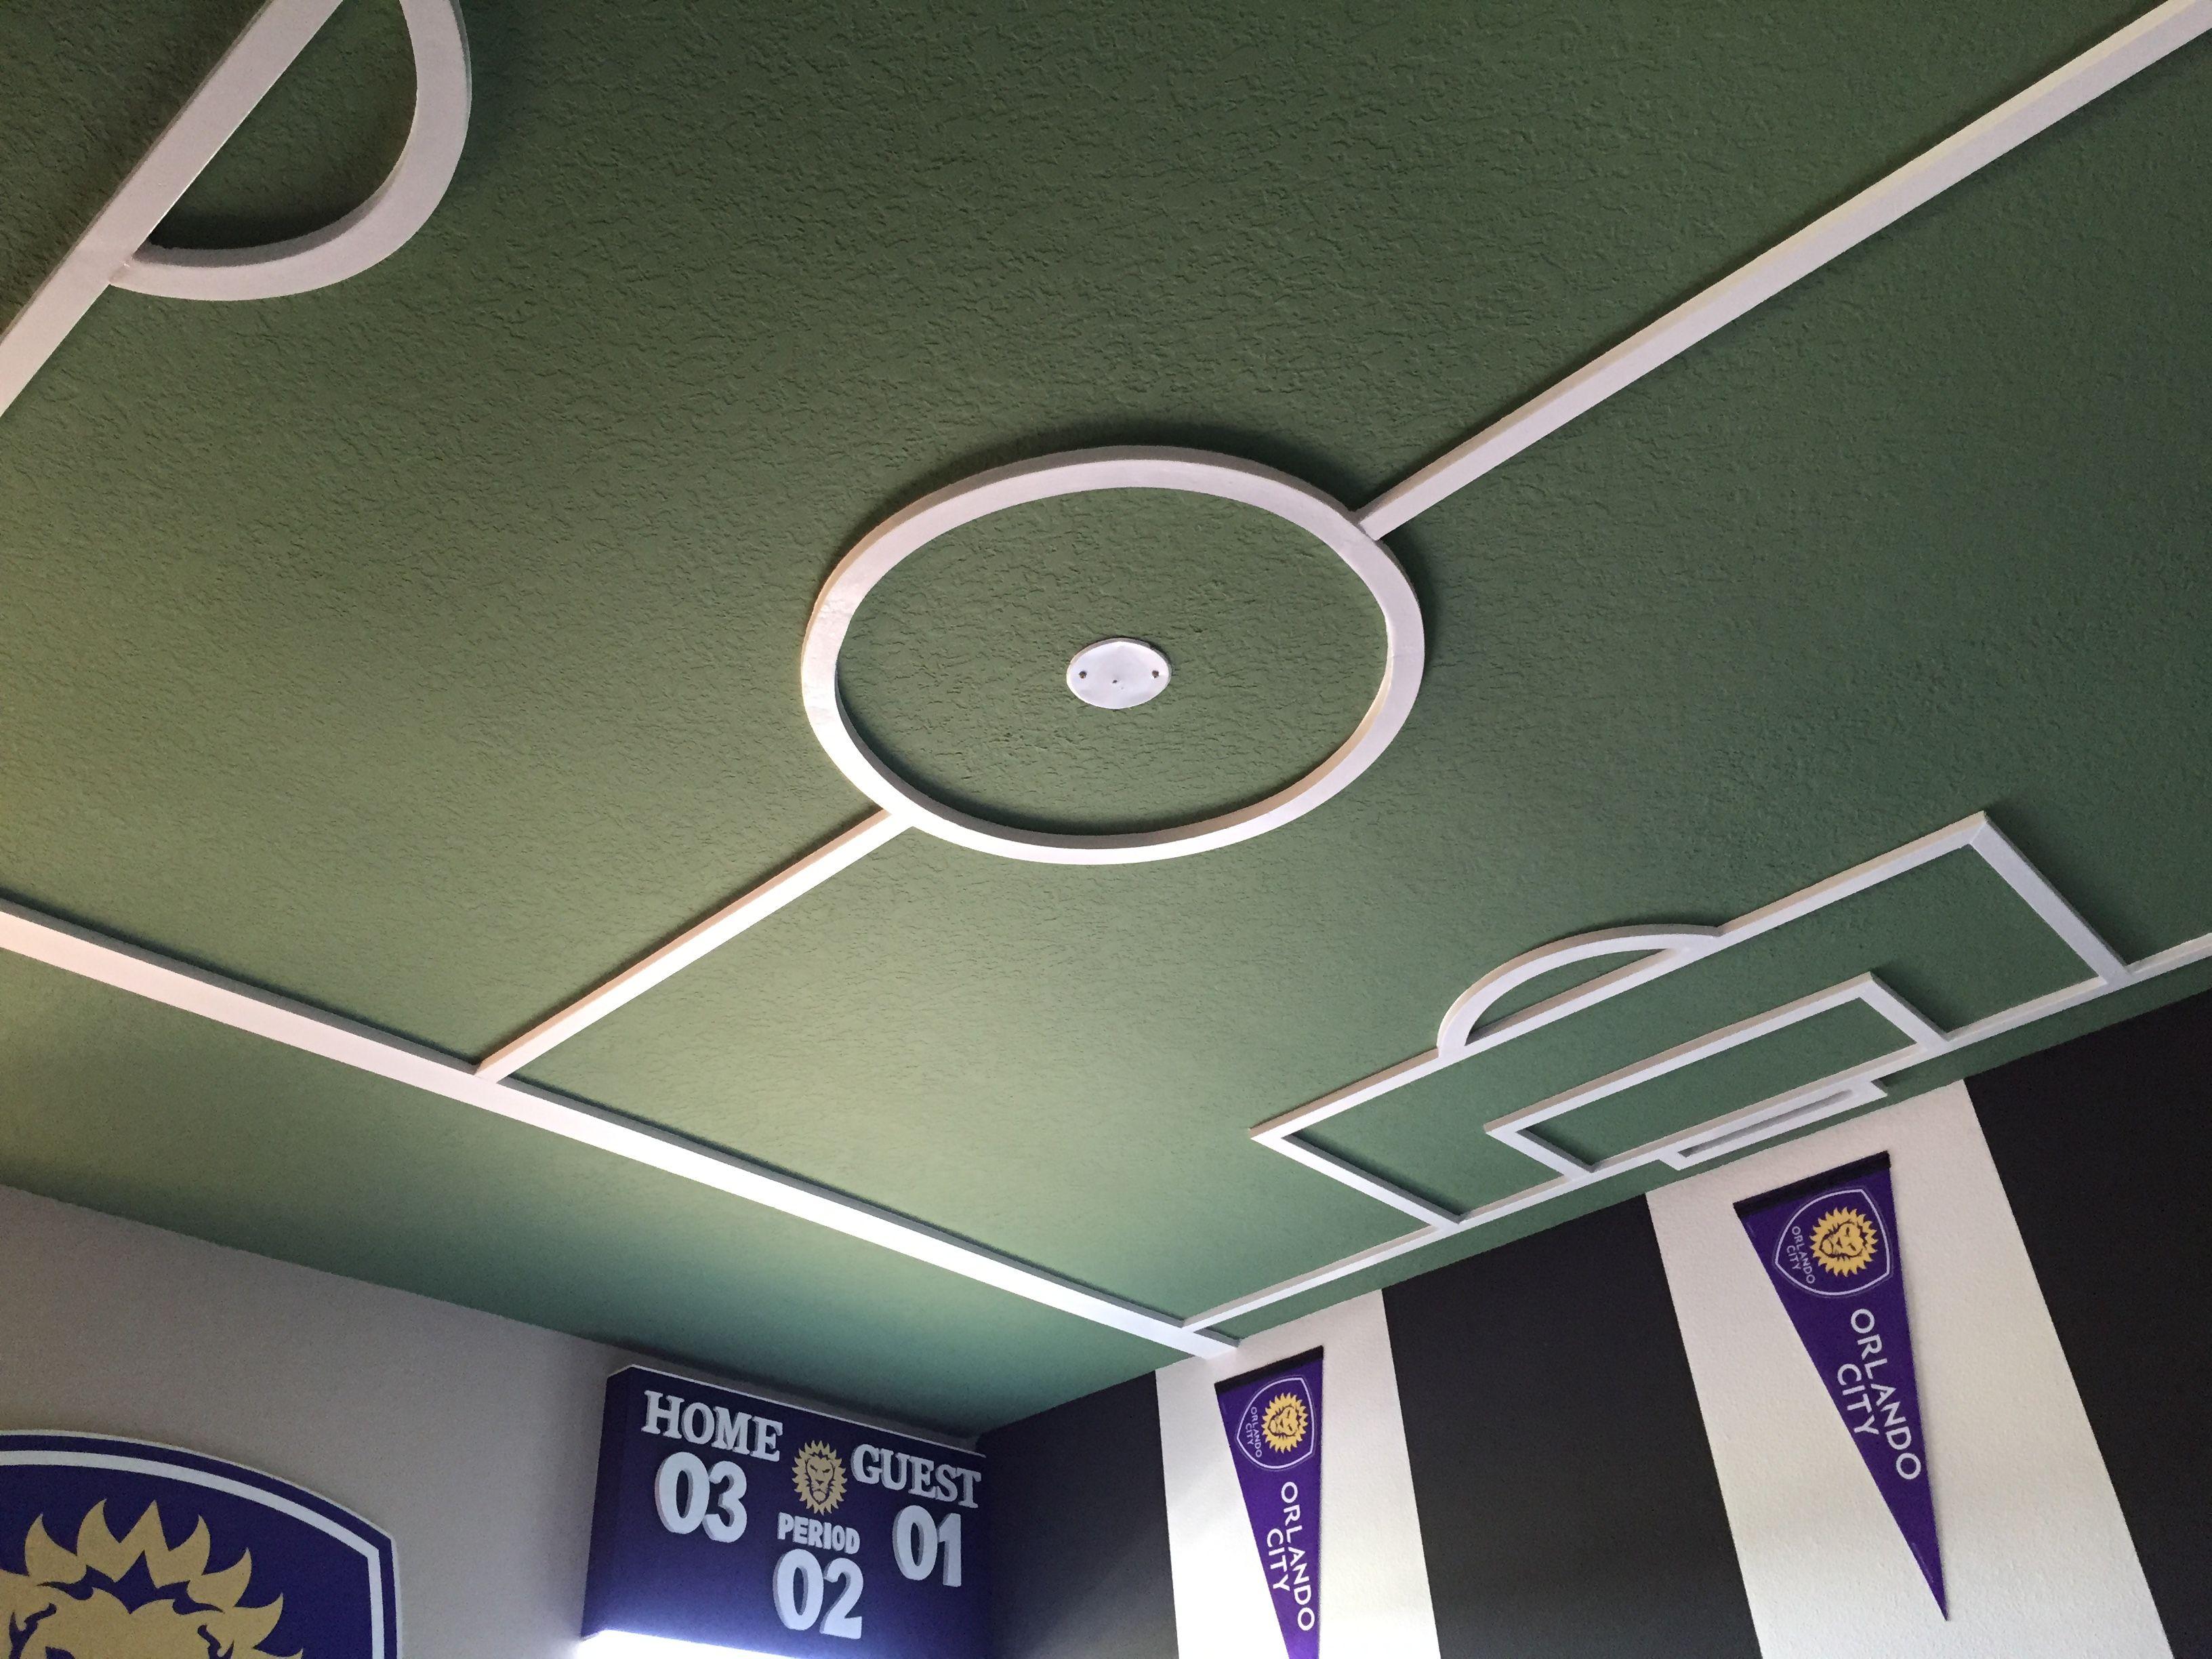 Soccer Bedroom Soccer Field Ceiling, Orlando City Soccer